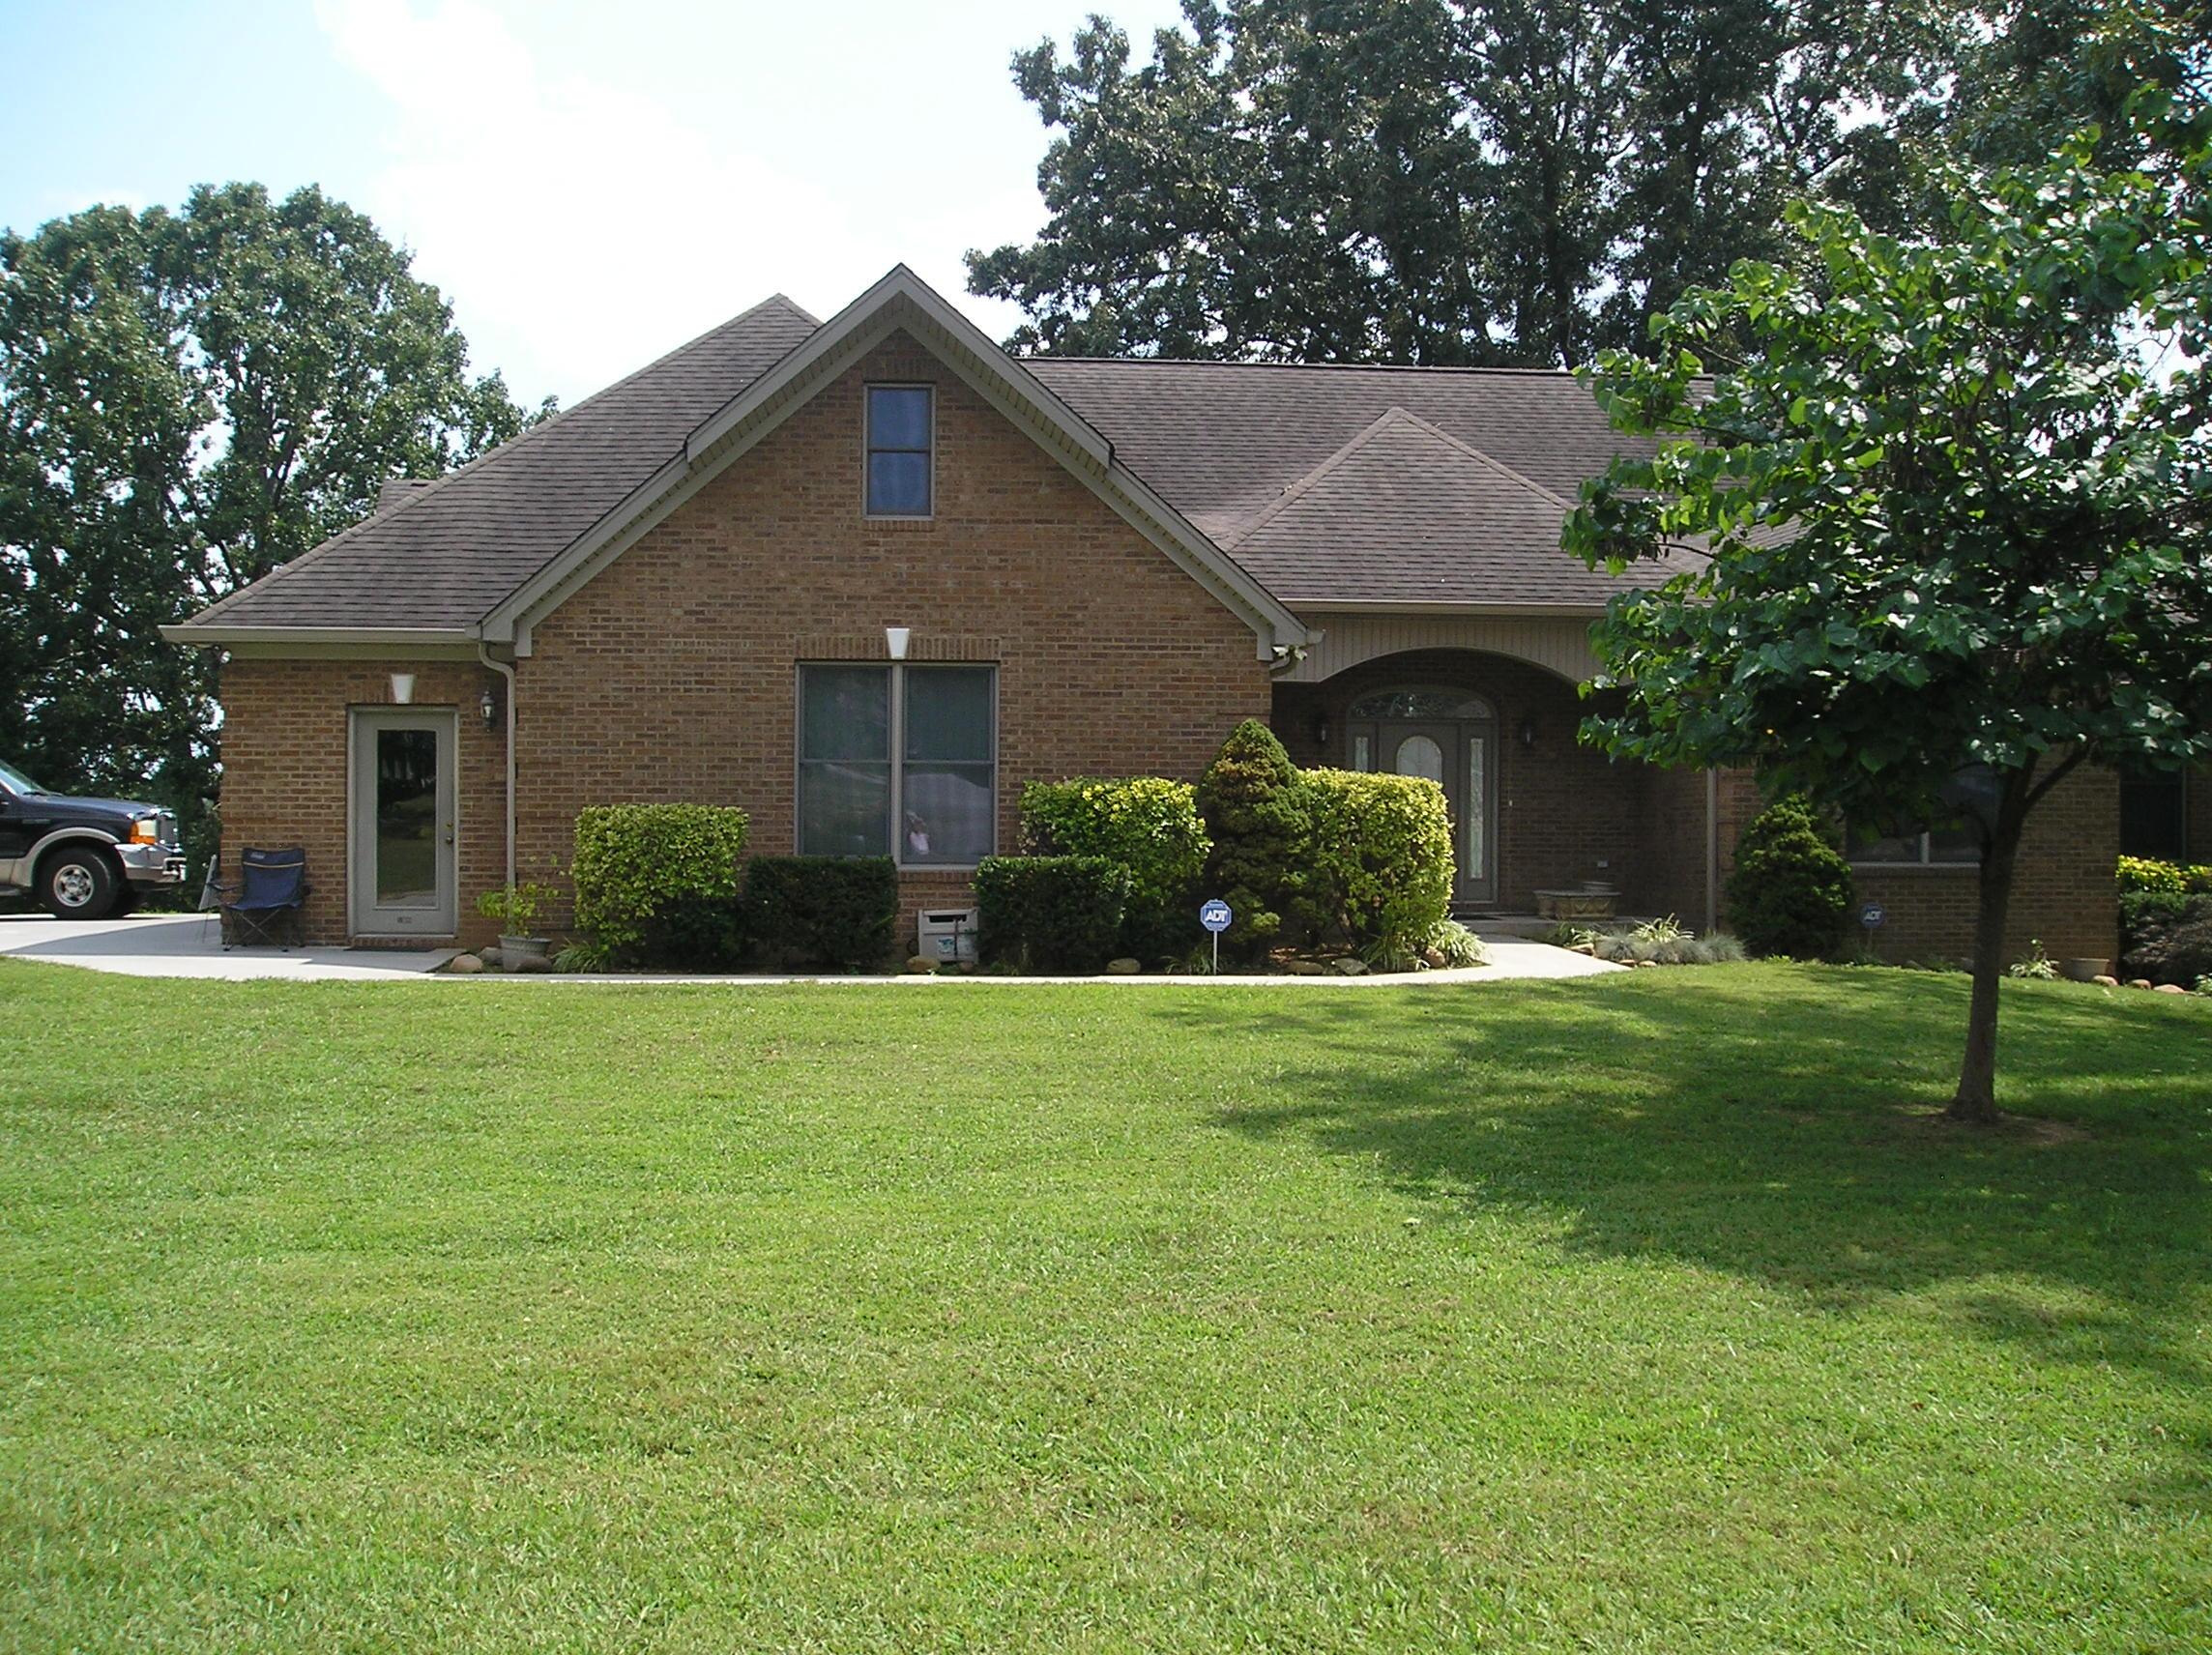 Maison unifamiliale pour l Vente à 109 County Road 1120 Athens, Tennessee 37303 États-Unis